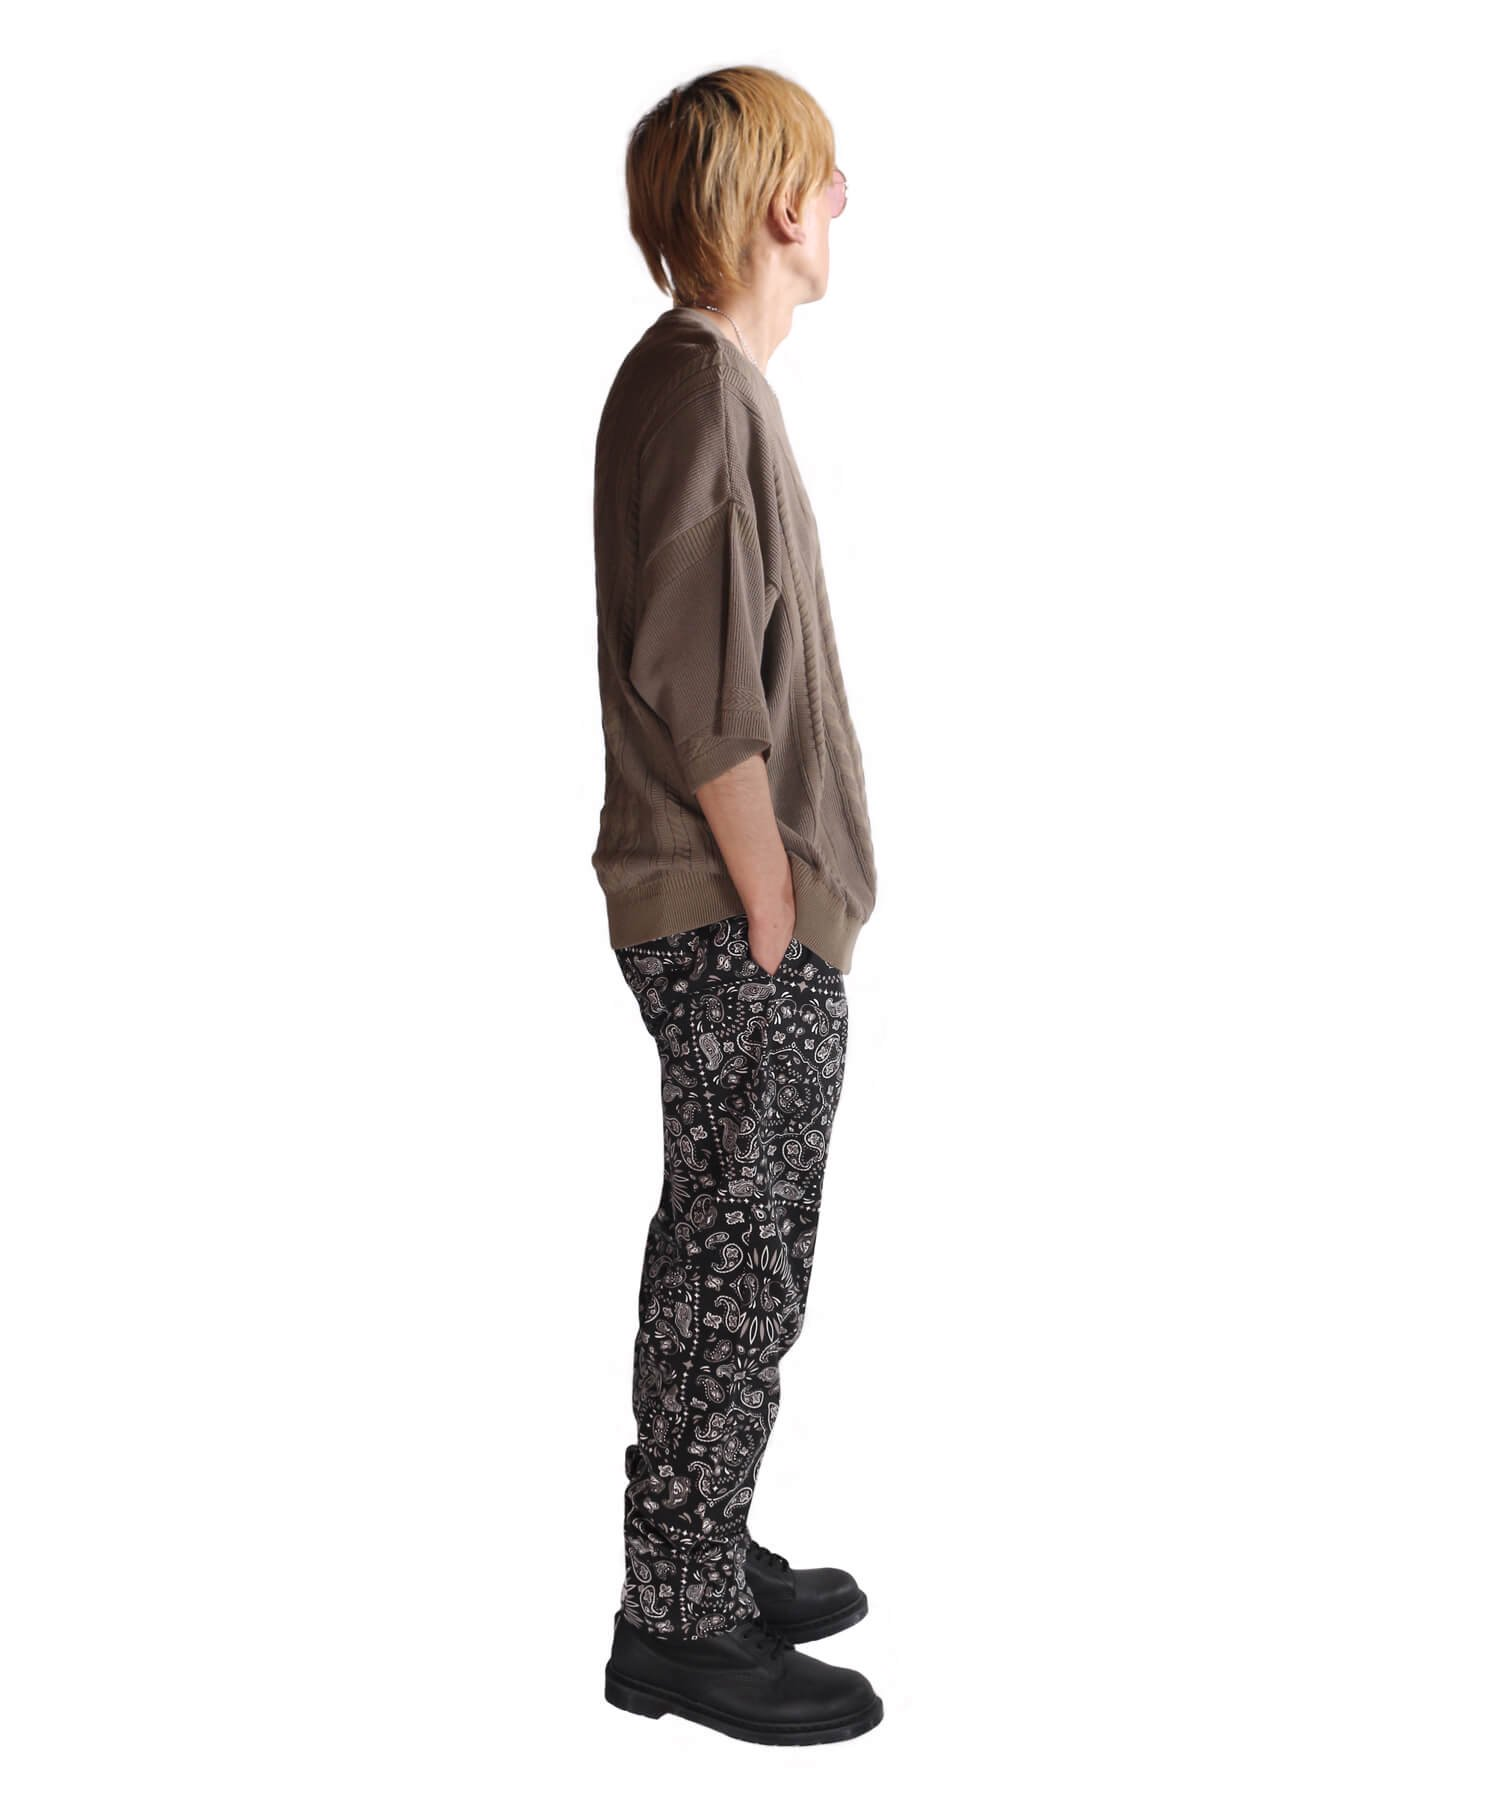 COOKMAN / クックマン   WAITER'S PANTS (PAISLEY BLACK):ウェイターズパンツ 商品画像12